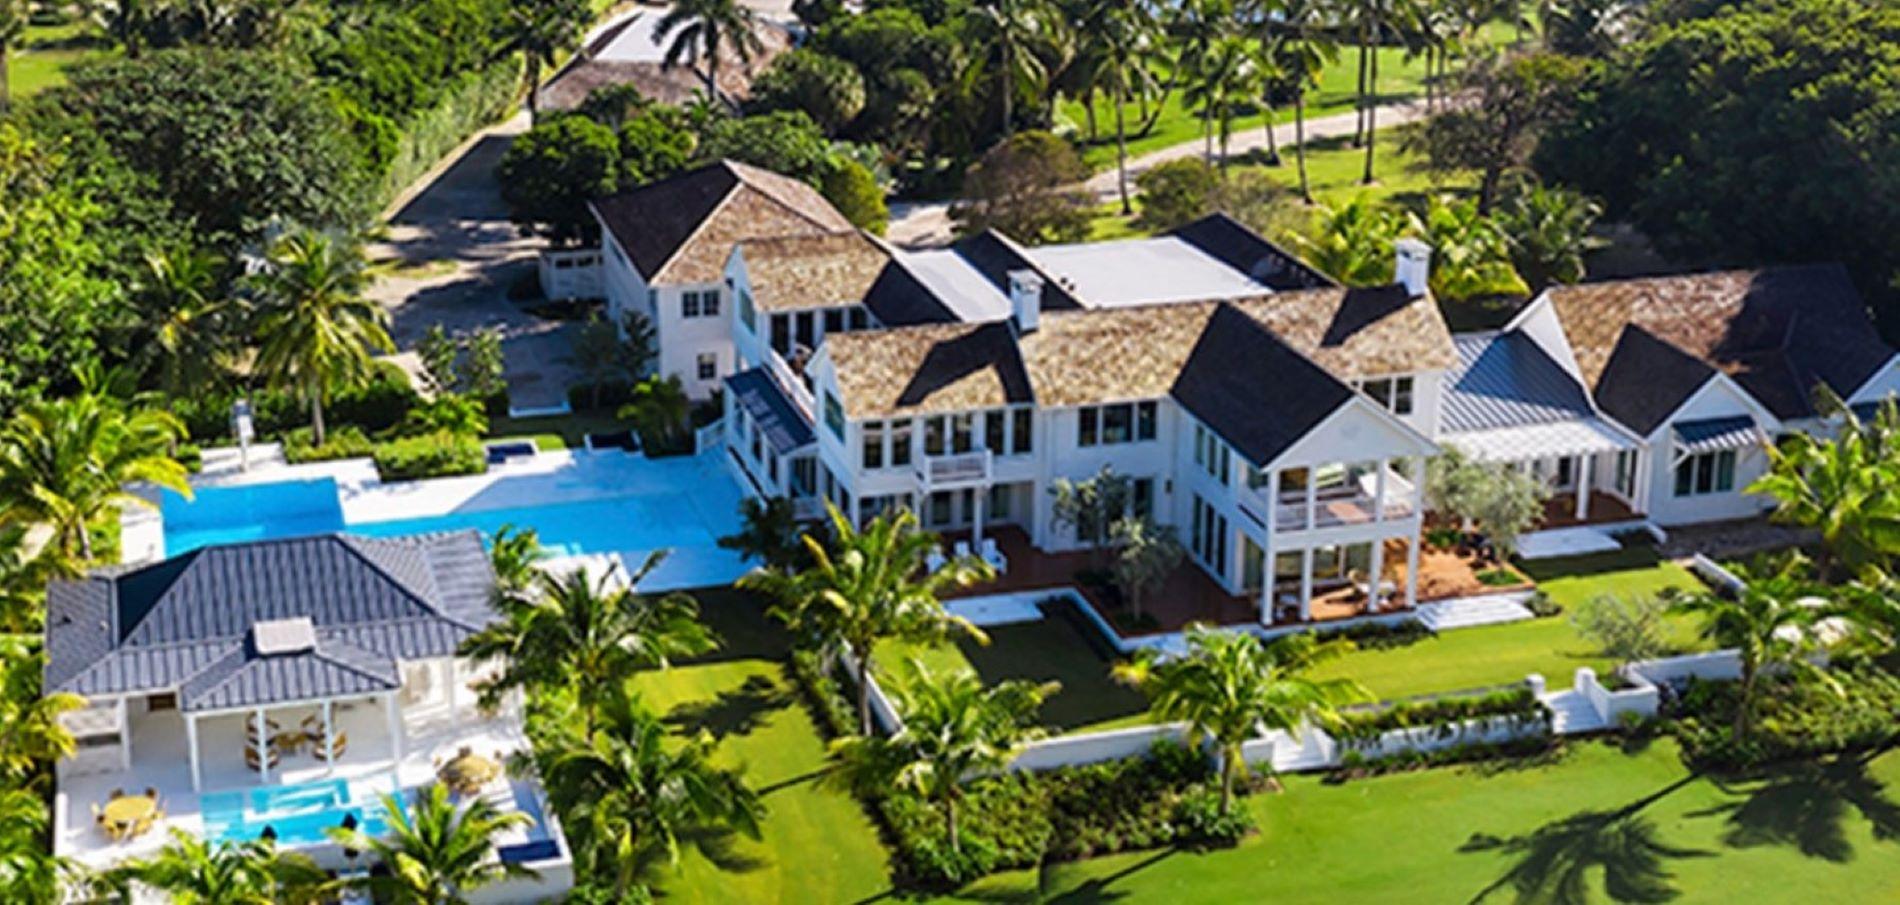 Le propriétaire de Victoria's Secret achète un domaine en Floride pour 55 millions de dollars à travers Coldwell Banker